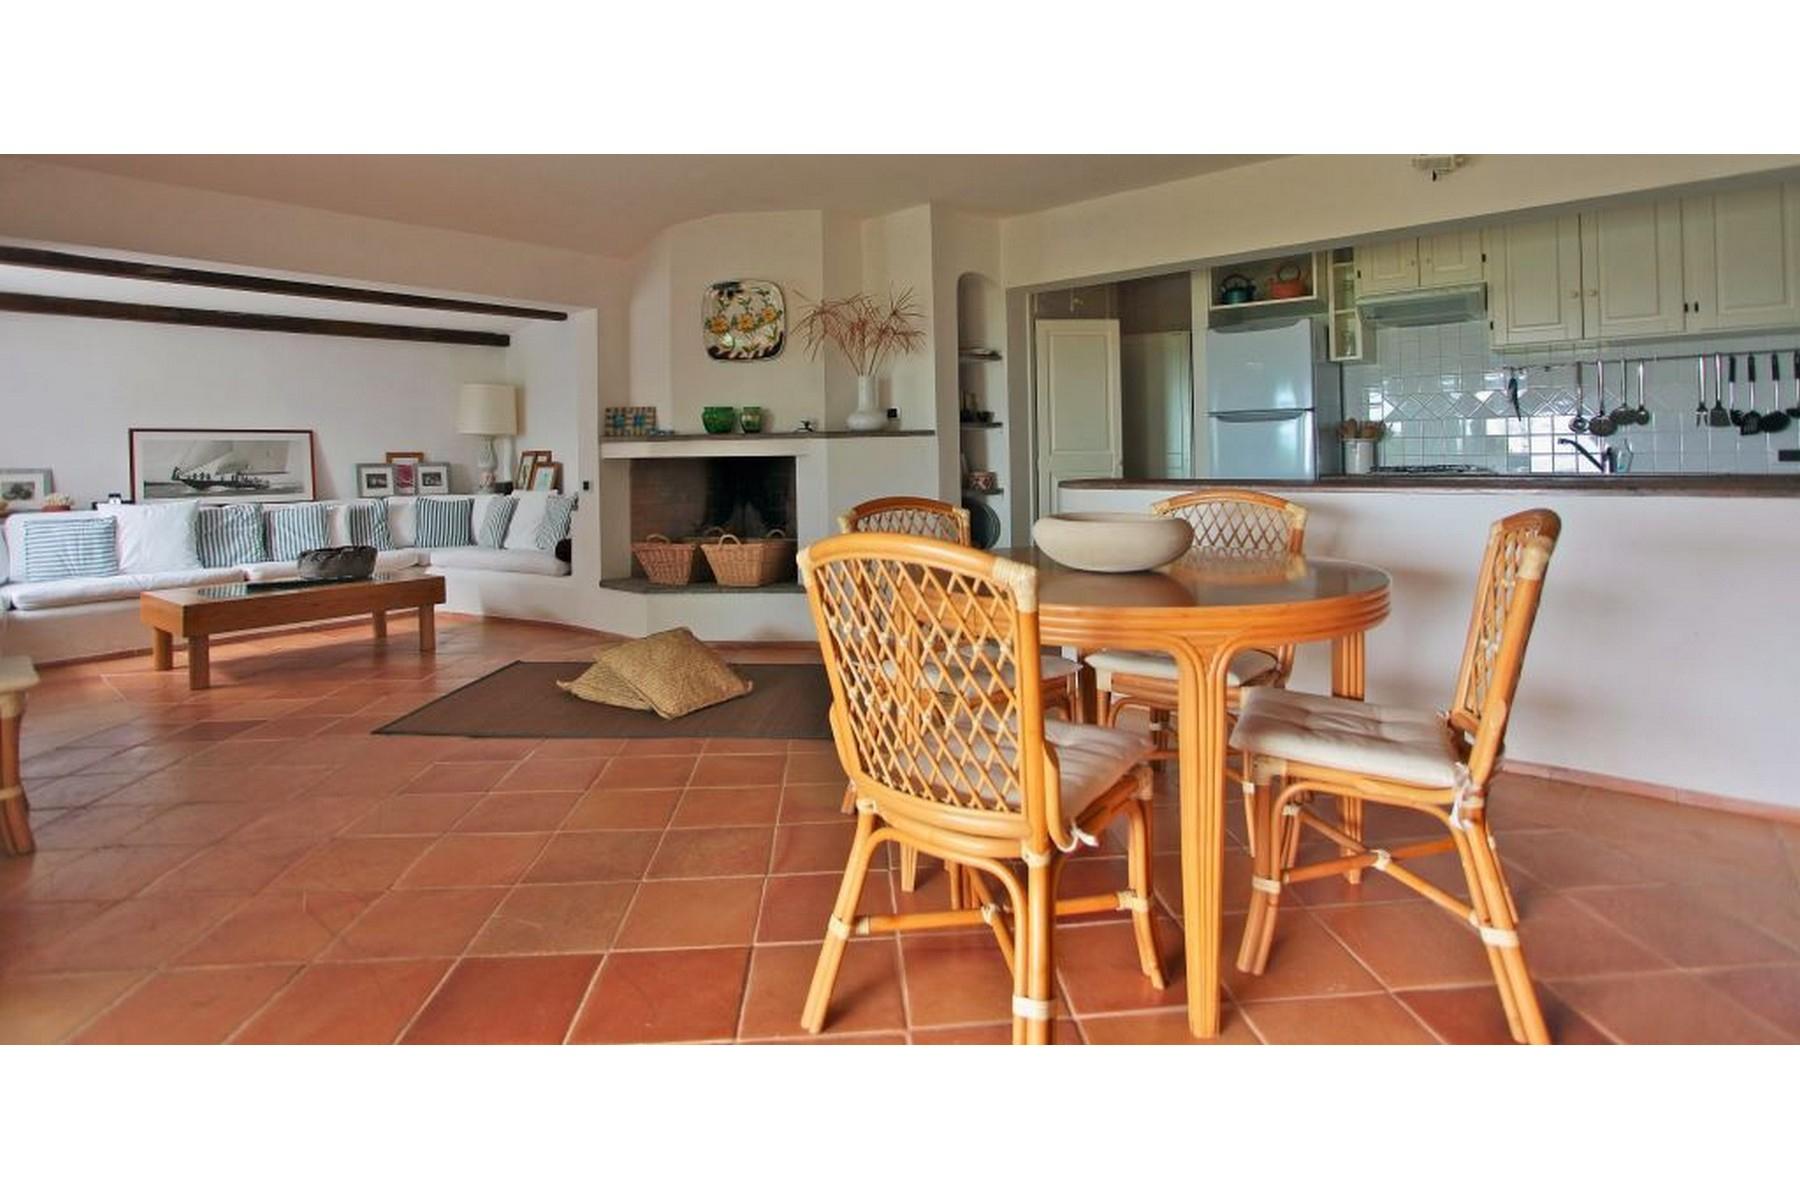 Casa indipendente in Vendita a Arzachena: 5 locali, 117 mq - Foto 5